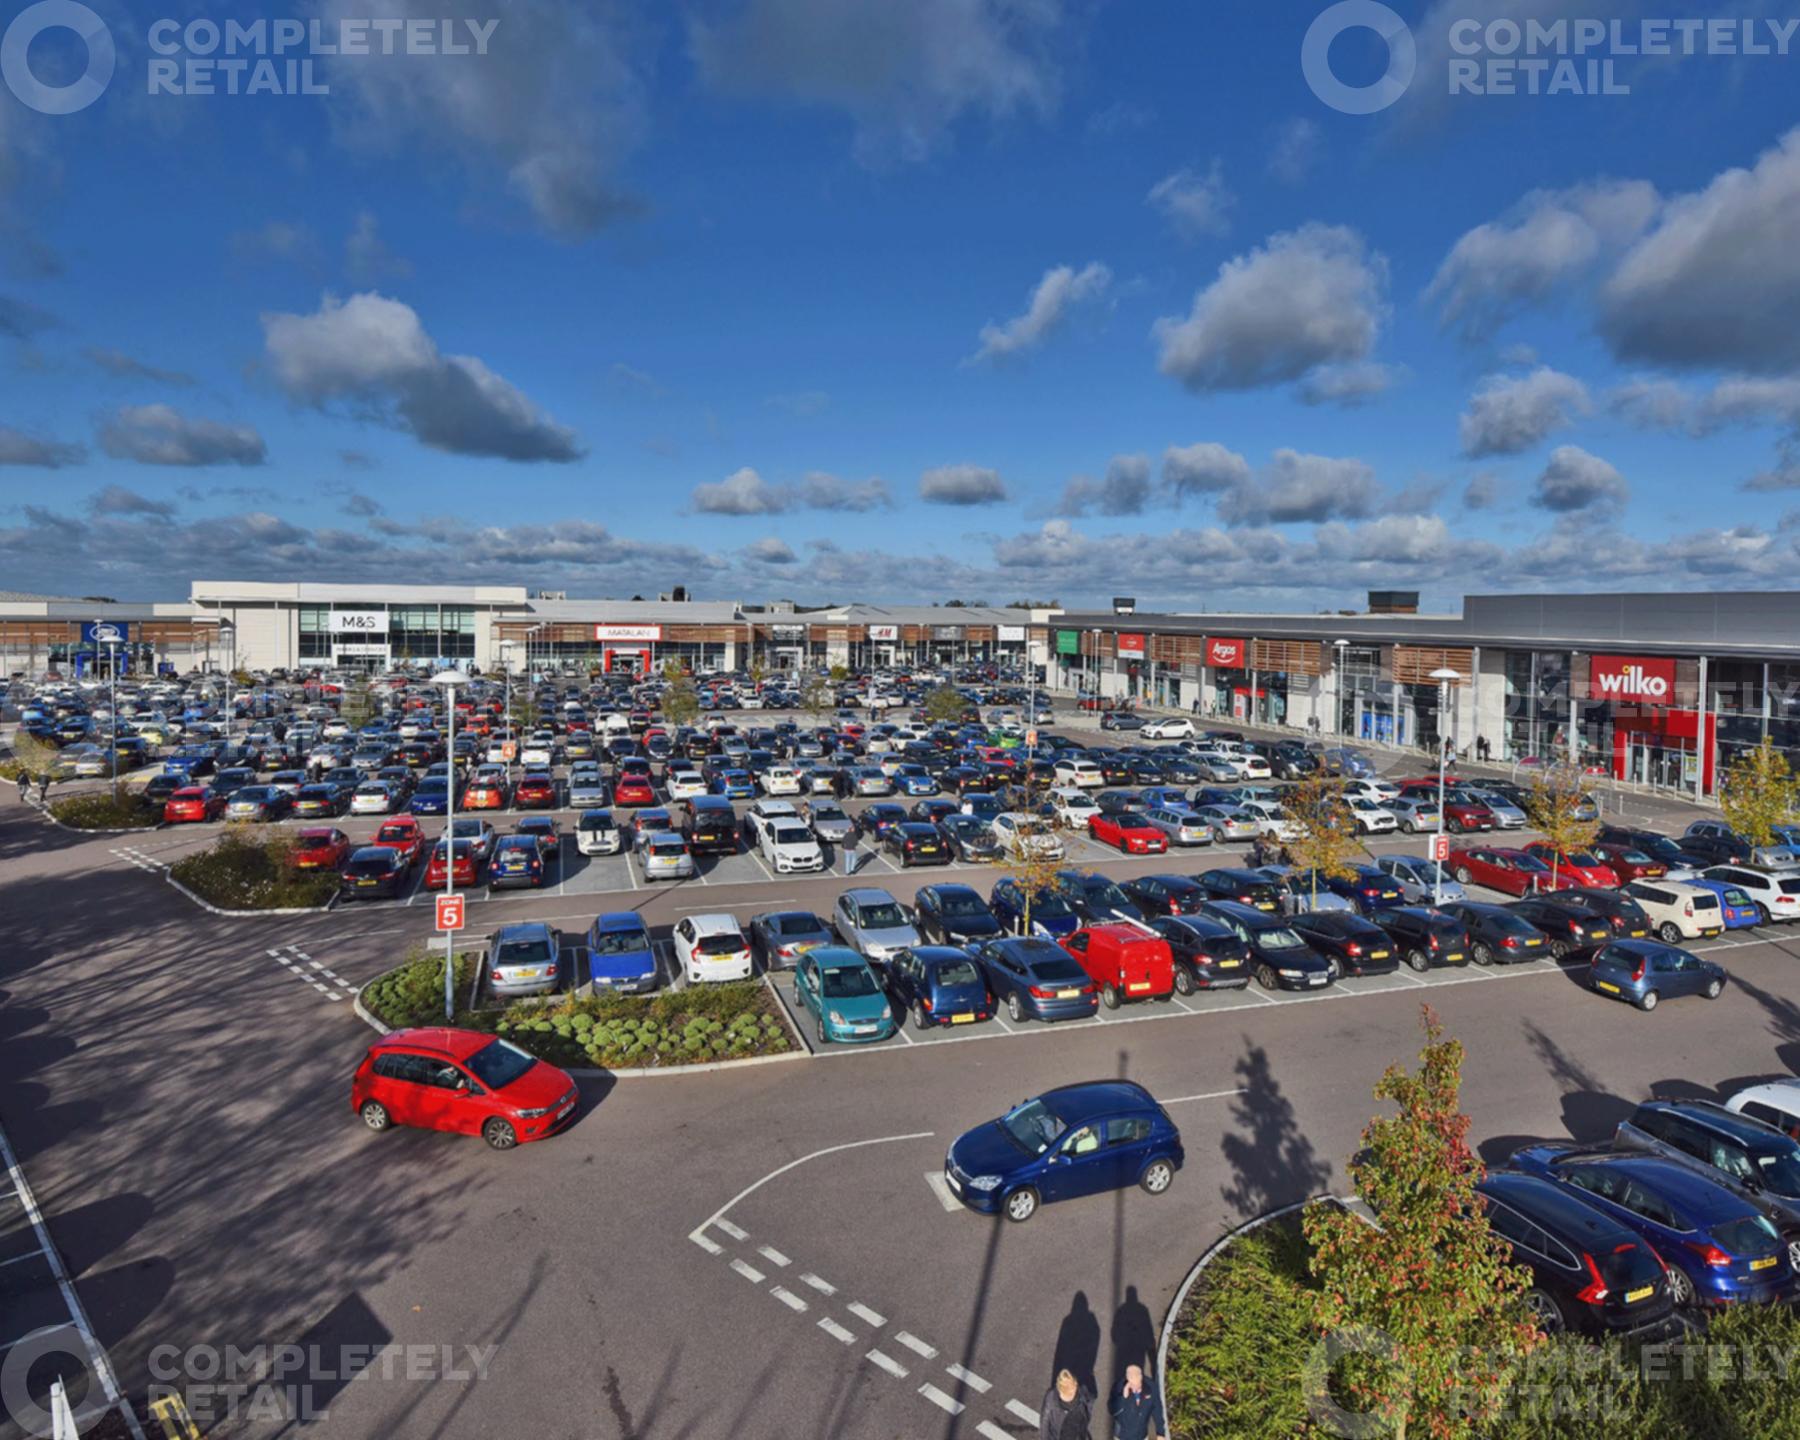 The A1 Retail Park